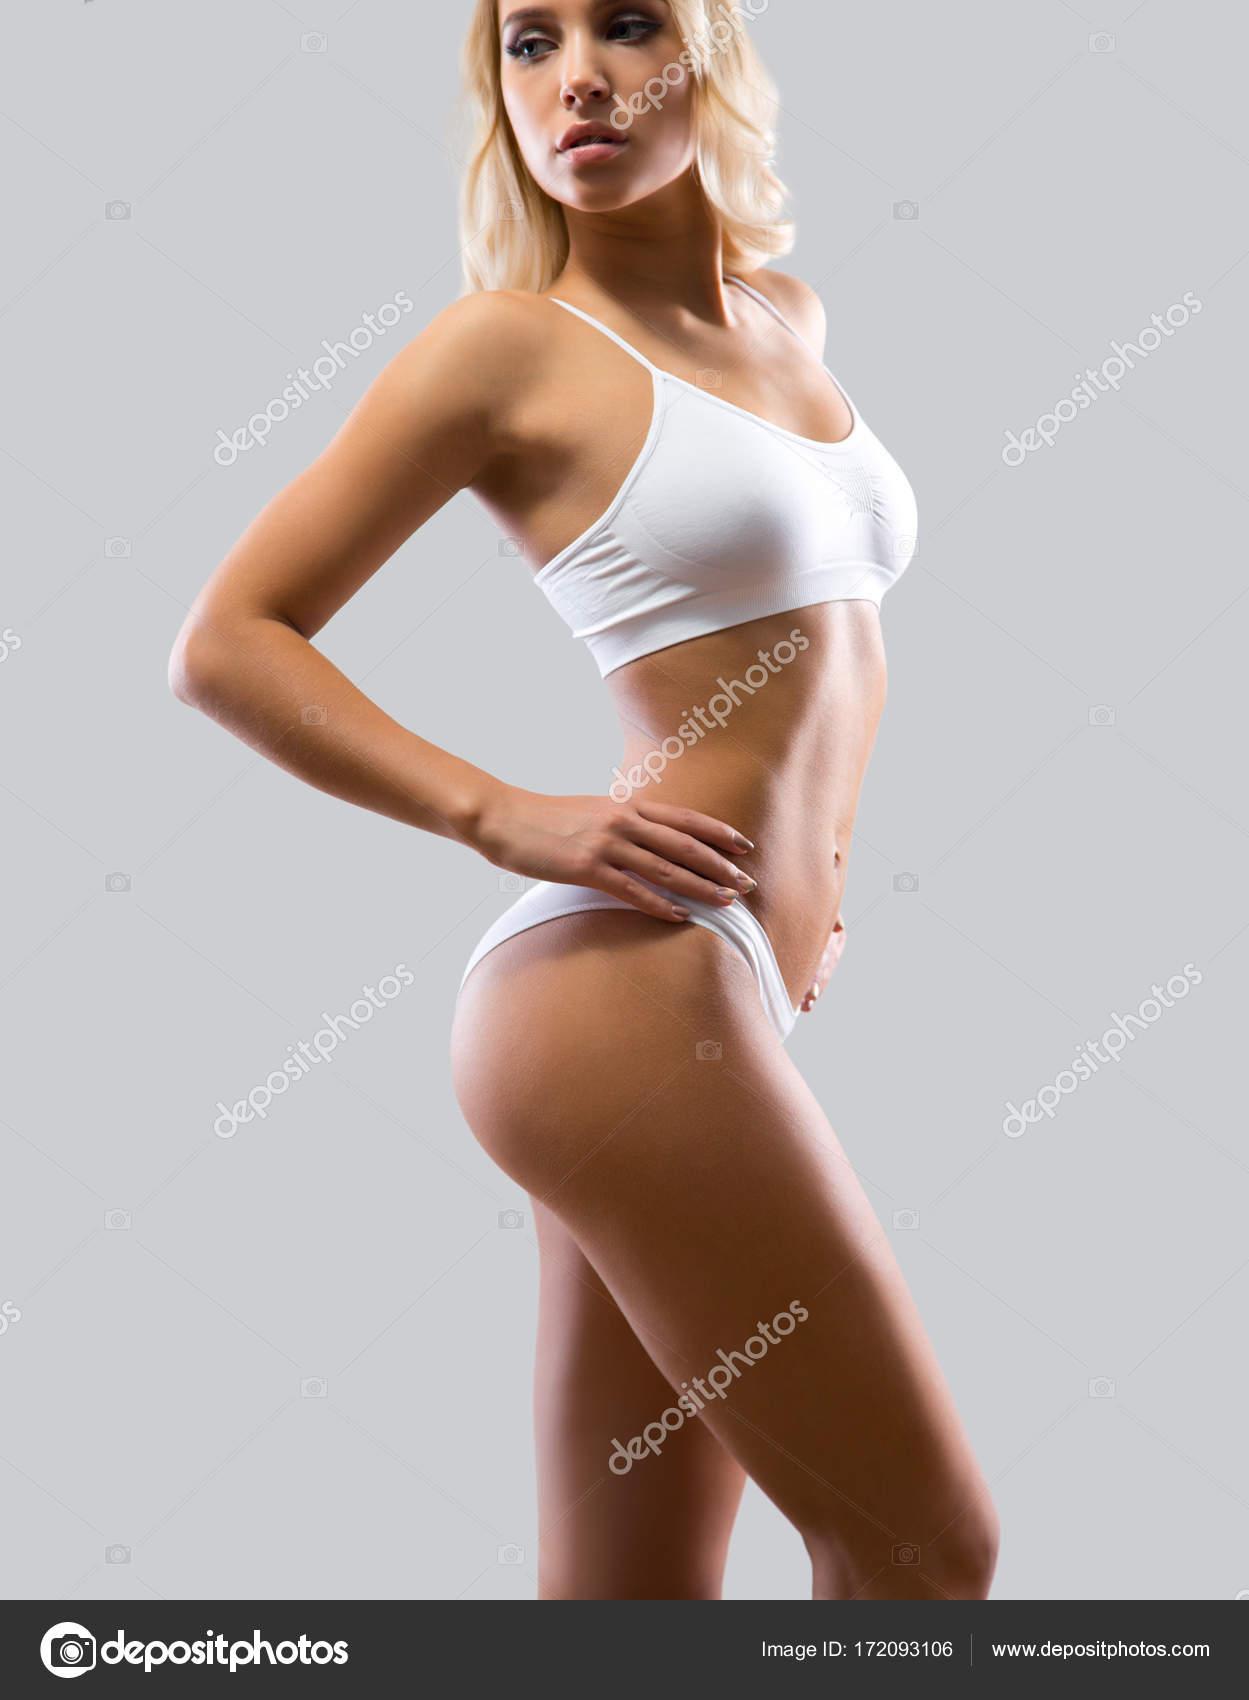 Впорядке она смотреть личные фото русские женщин в нижнем белье трахаются